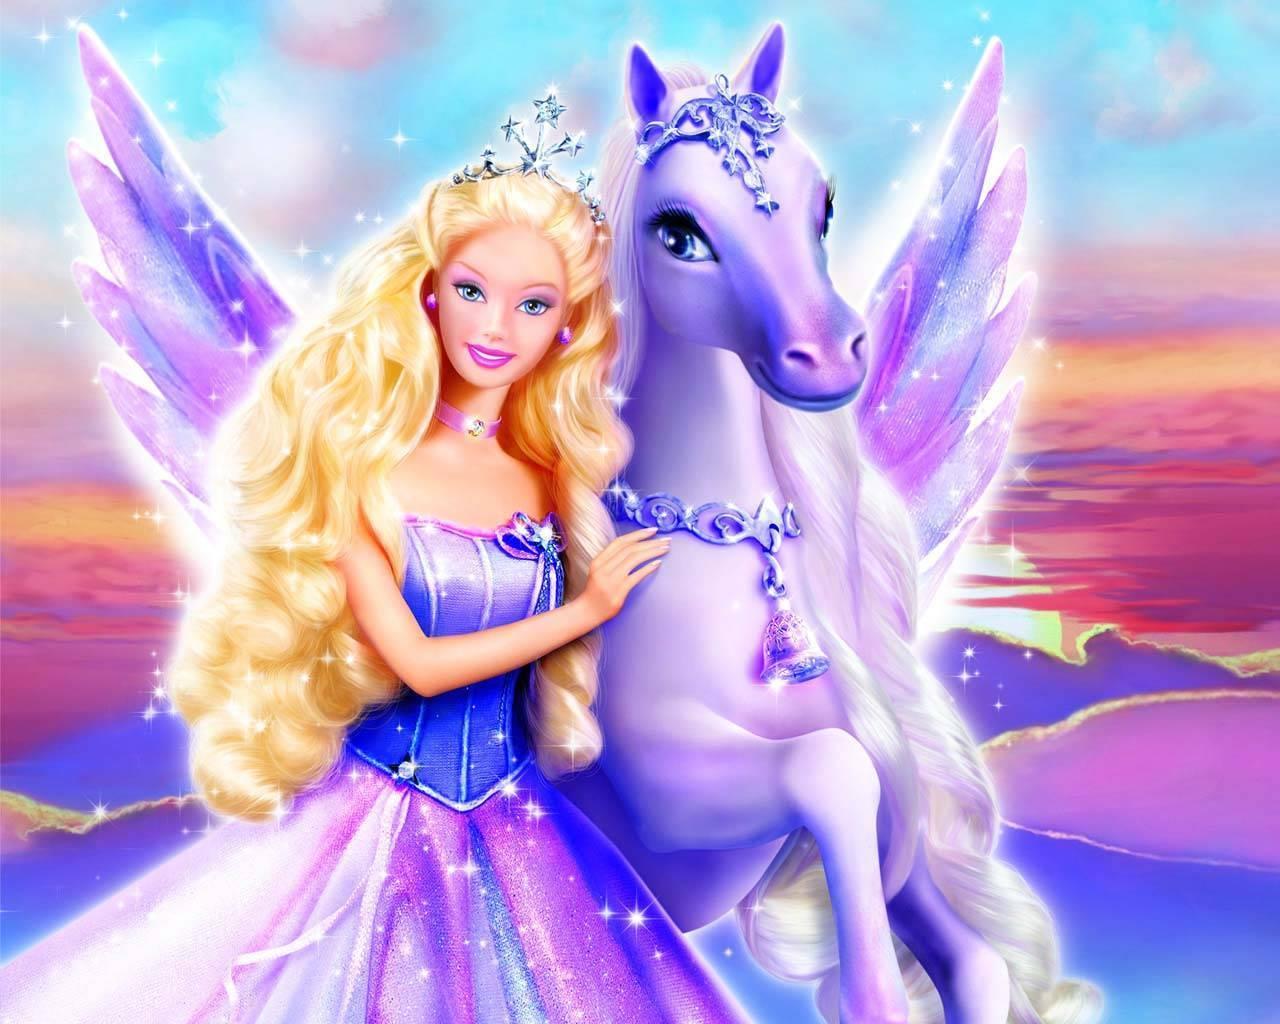 https://i0.wp.com/images2.fanpop.com/image/photos/12400000/barbie-magic-of-pegasus-barbie-movies-12469829-1280-1024.jpg